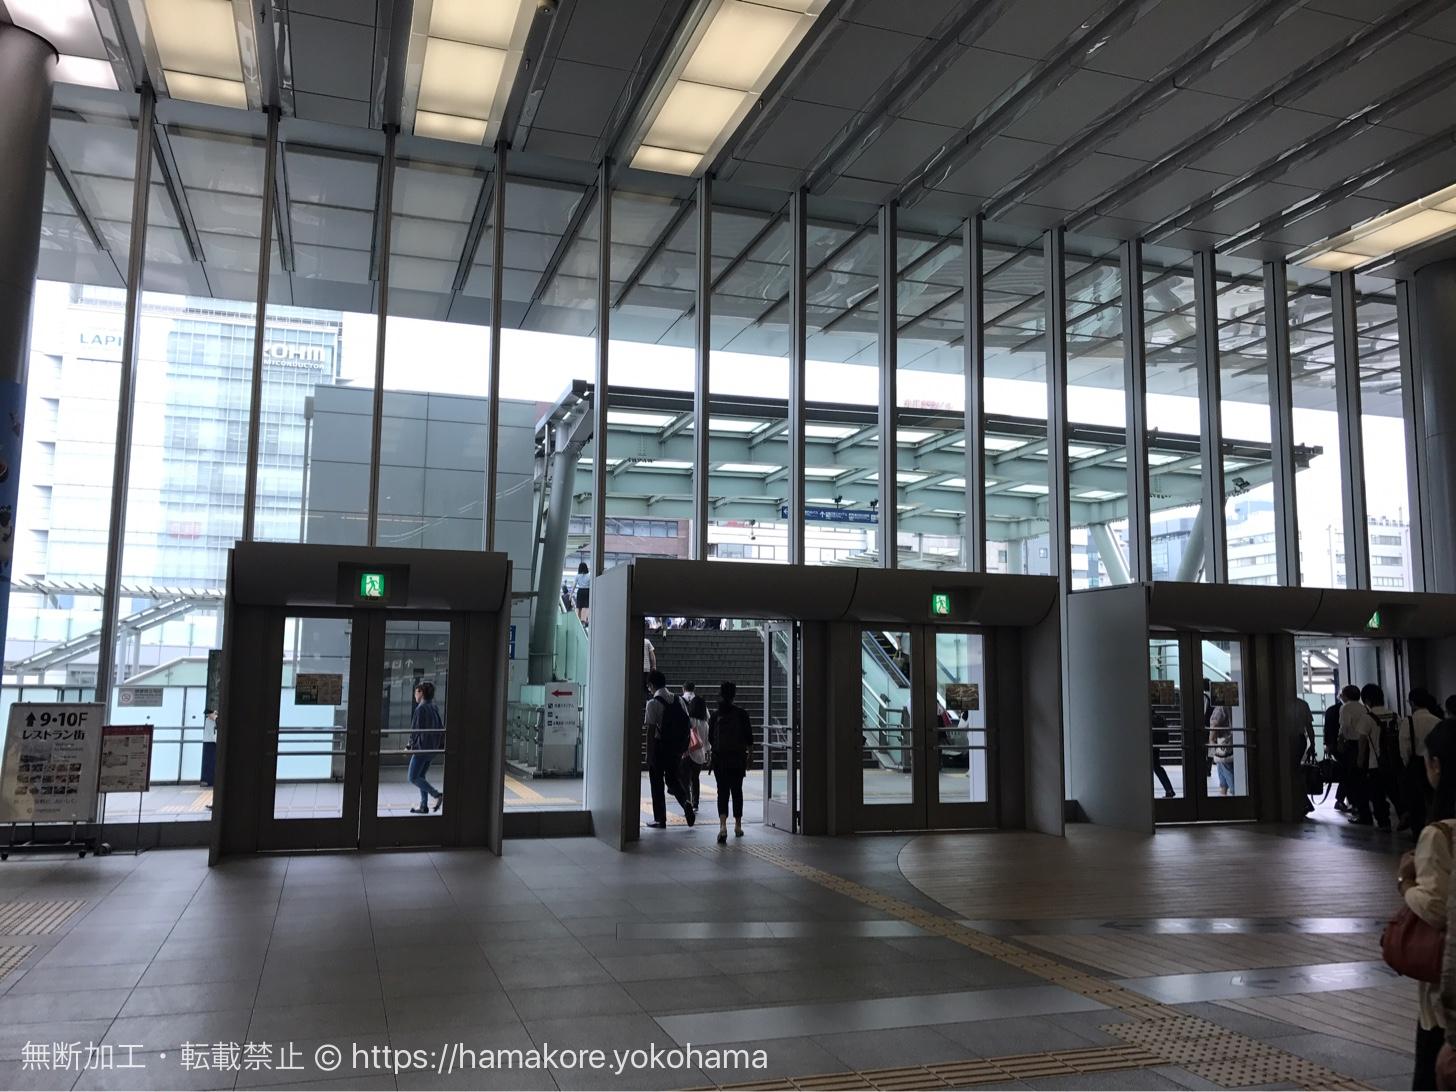 新横浜駅から崎陽軒 横浜工場に向かうバス